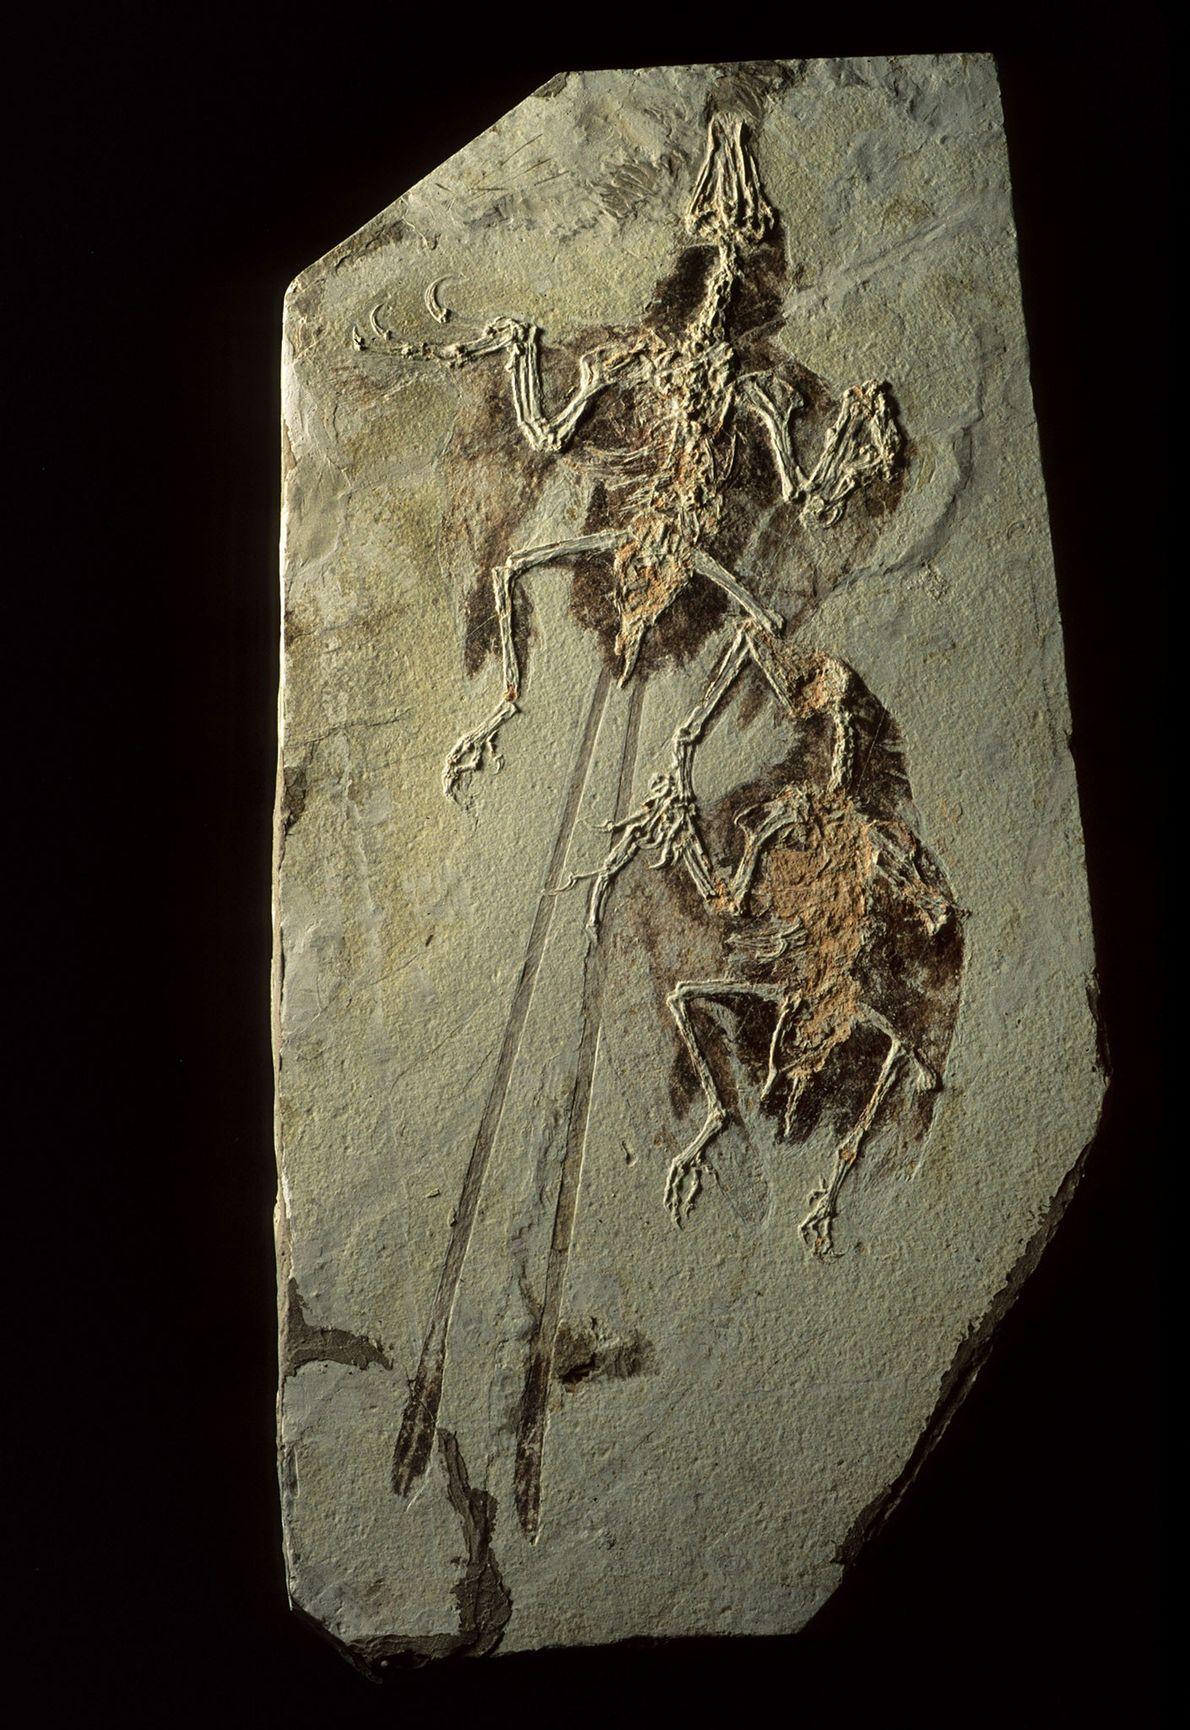 Los yacimientos fósiles de Liaoning, China, no solo preservan dinosaurios, sino también aves primitivas, como estos ...